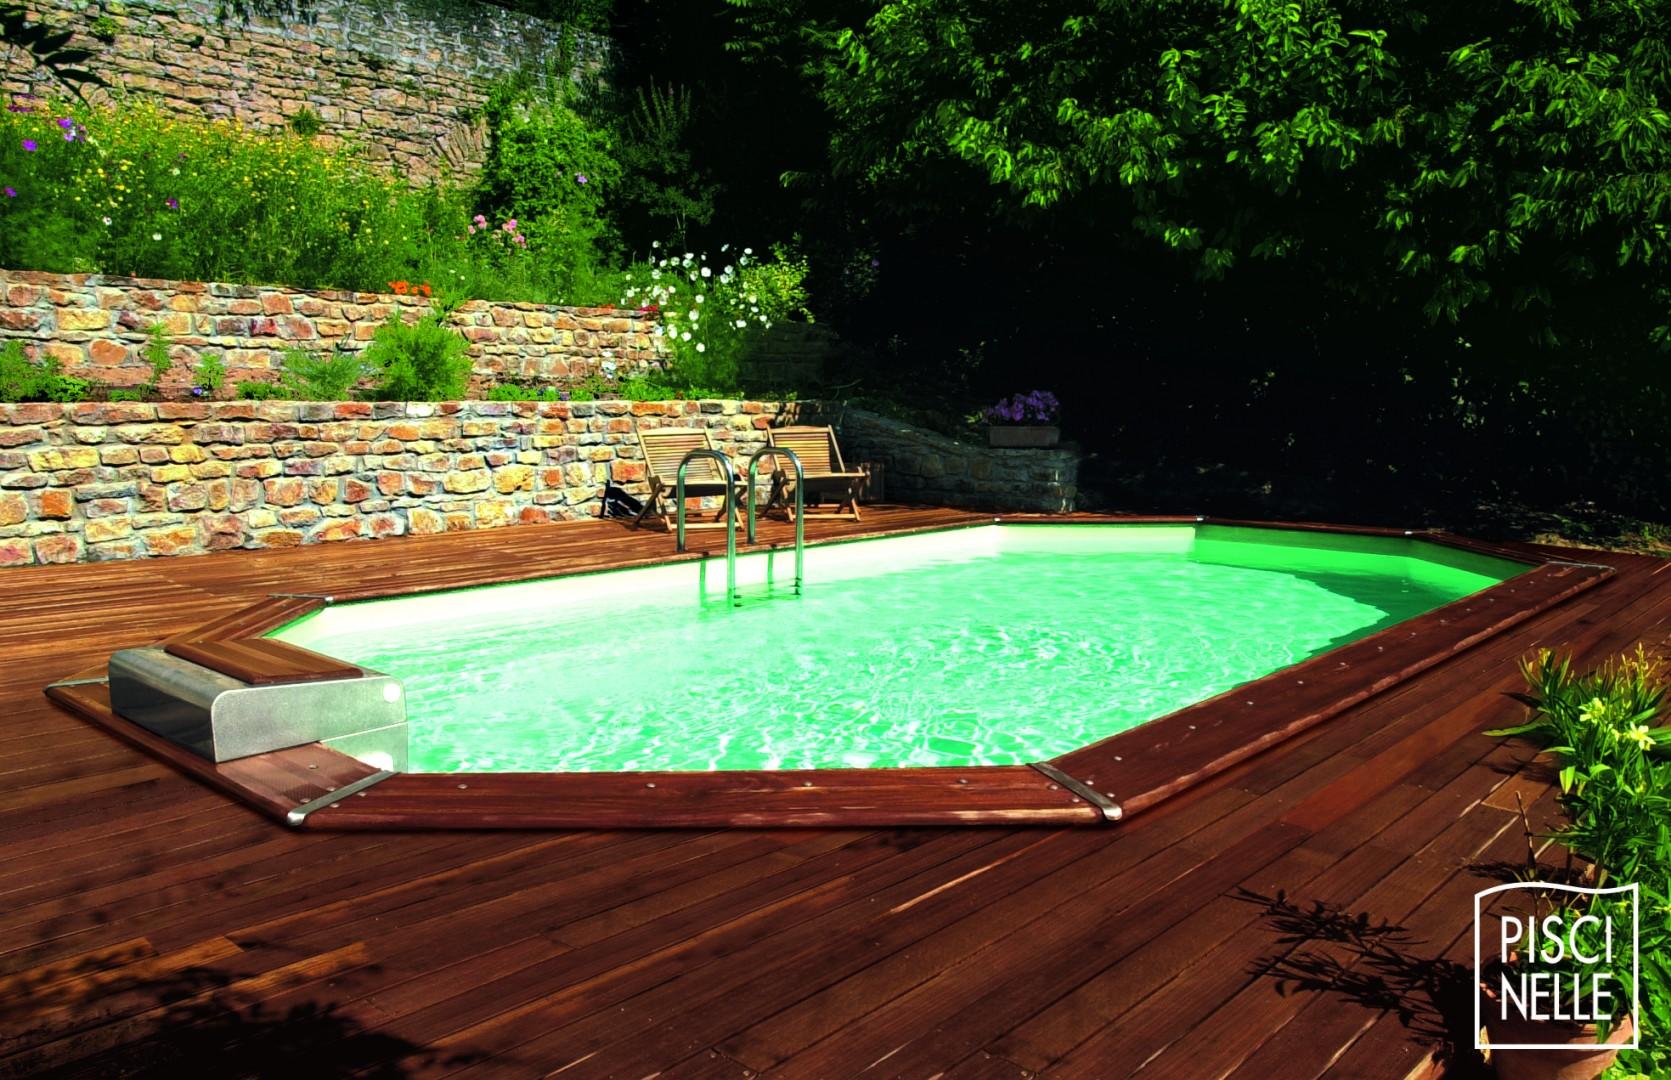 Piscine Bois Avec Terrasse piscine octogonale - modèle rg - piscinelle